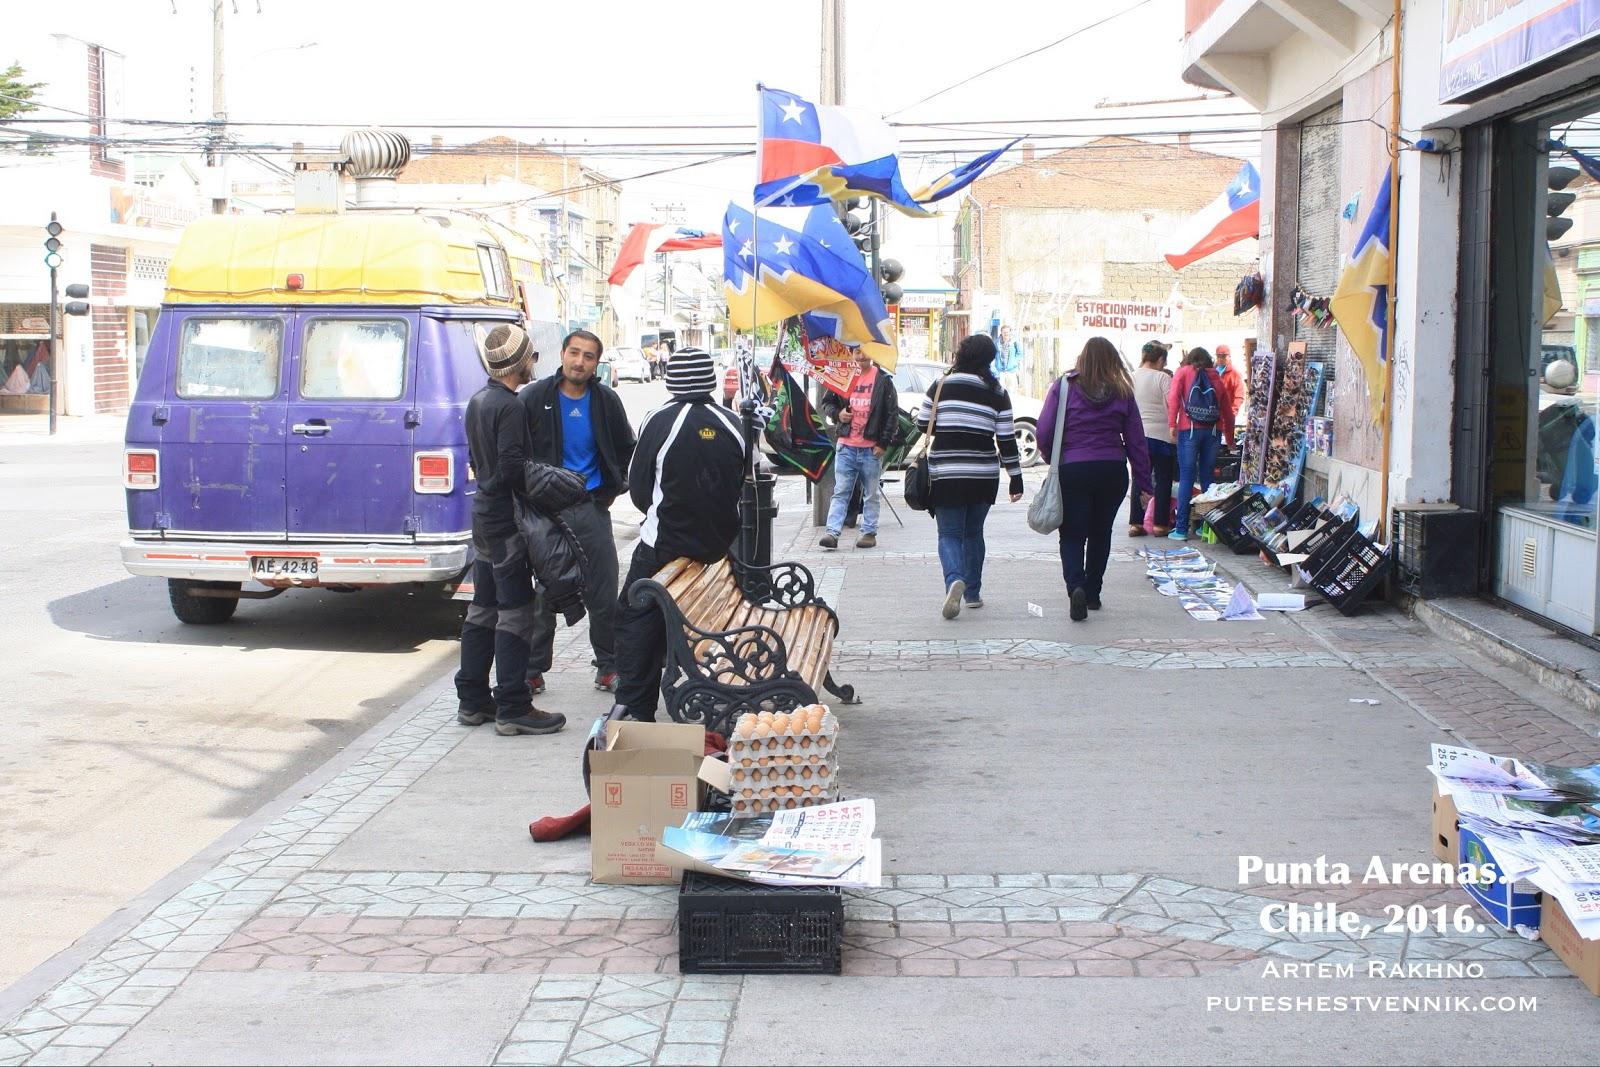 Флаги и яйца на тротуаре в Пунта-Аренасе